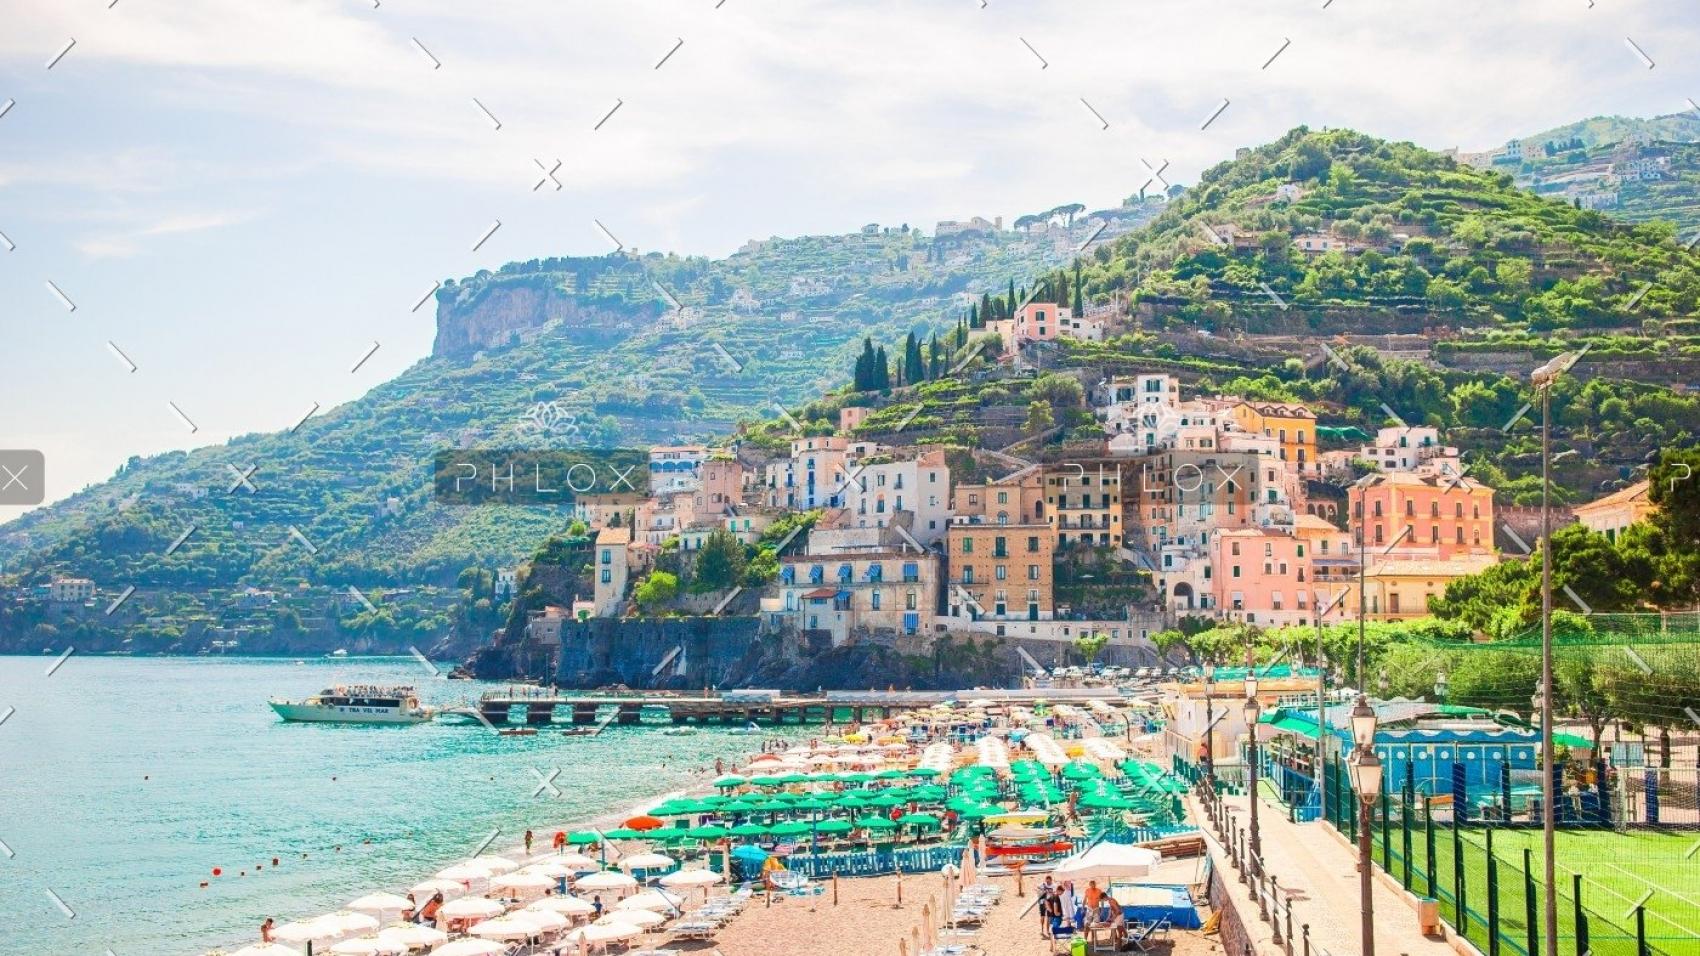 demo-attachment-155-beautiful-coastal-towns-of-italy-scenic-amalfi-M96DQV4